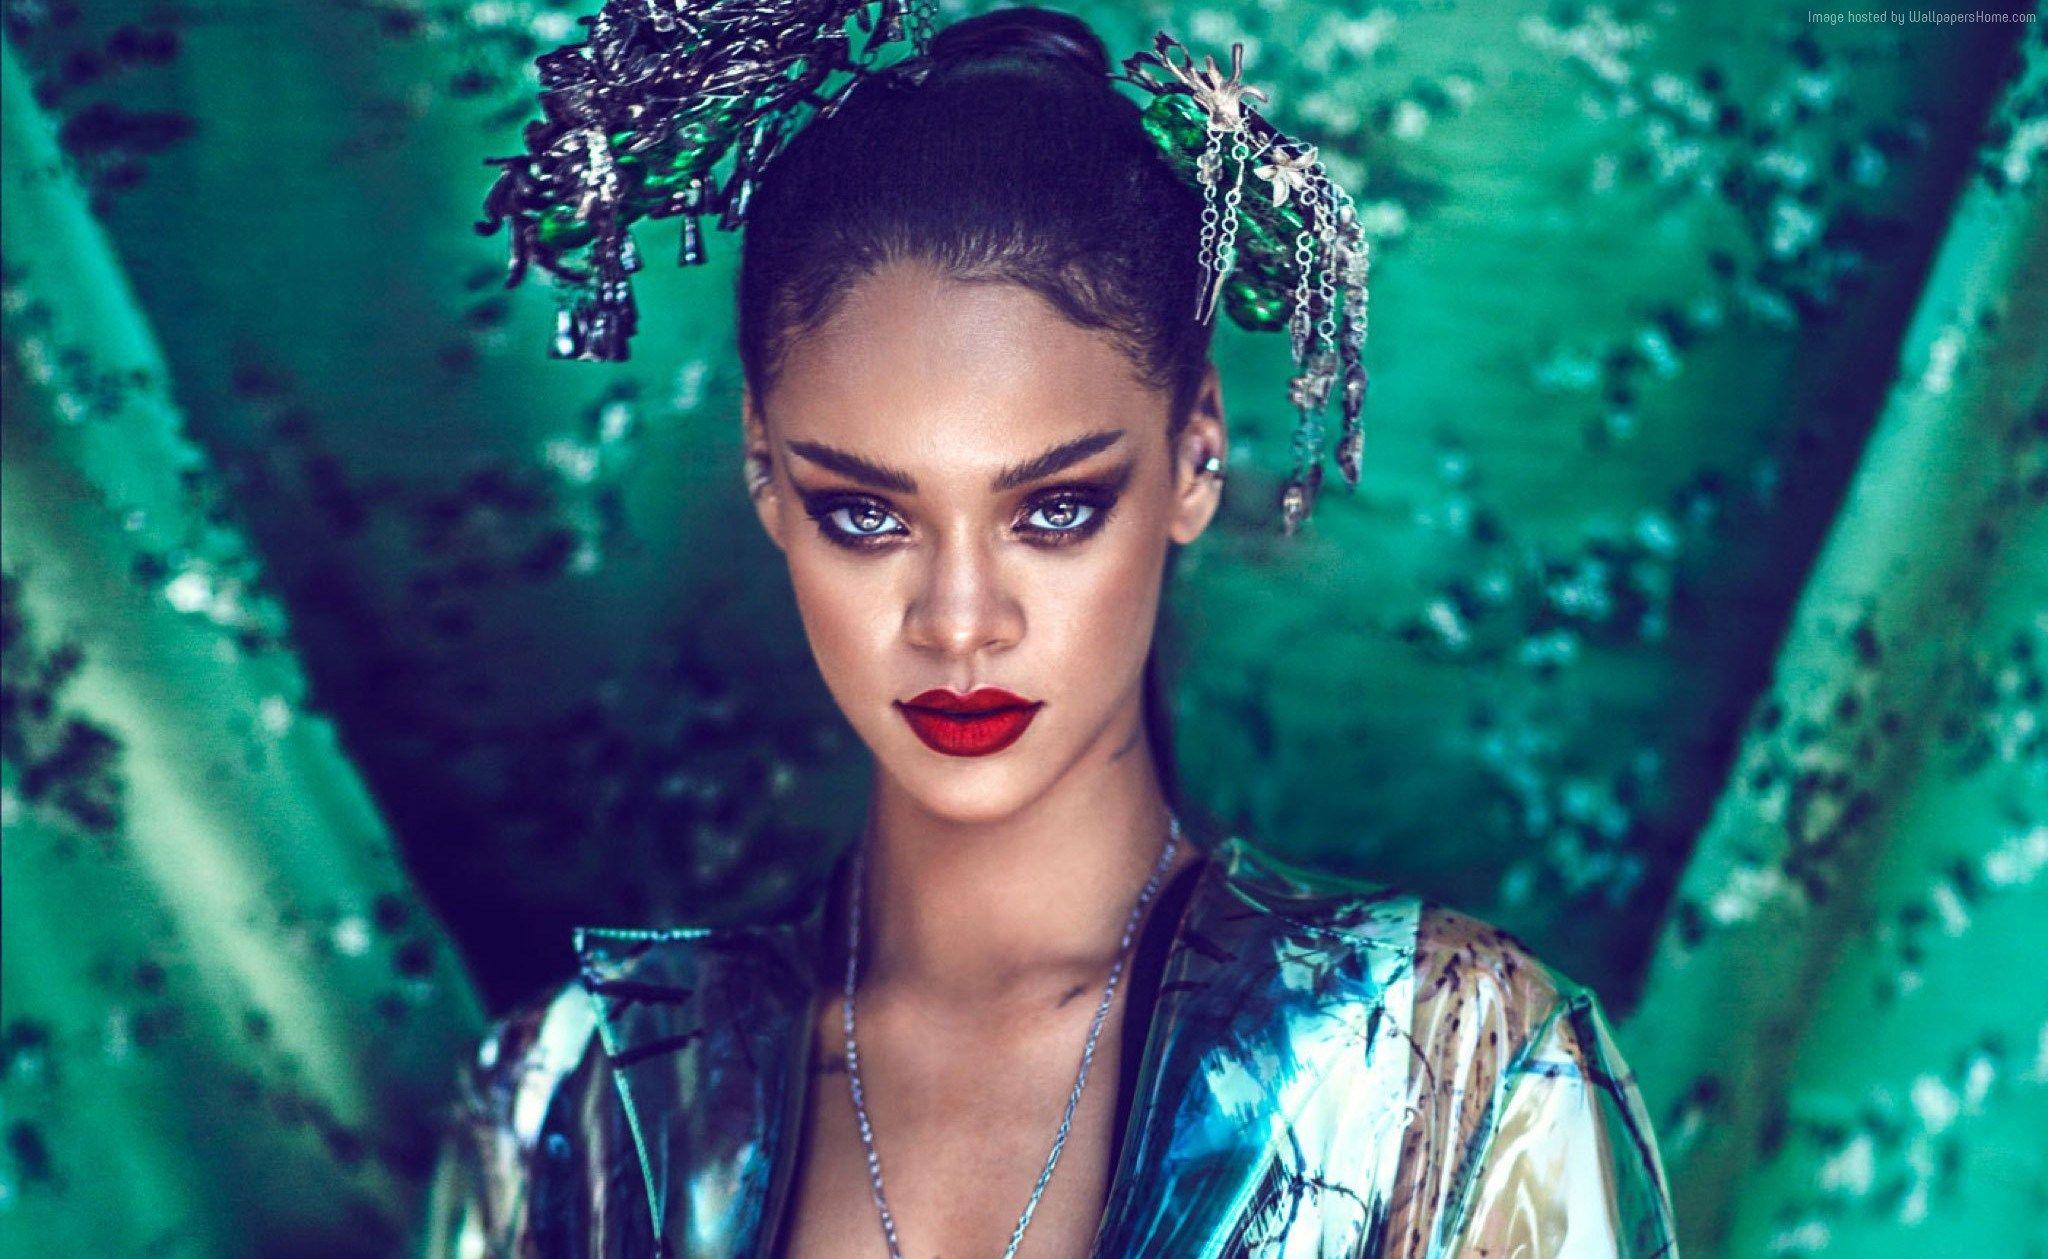 rihanna hd widescreen wallpapers for desktop Rihanna